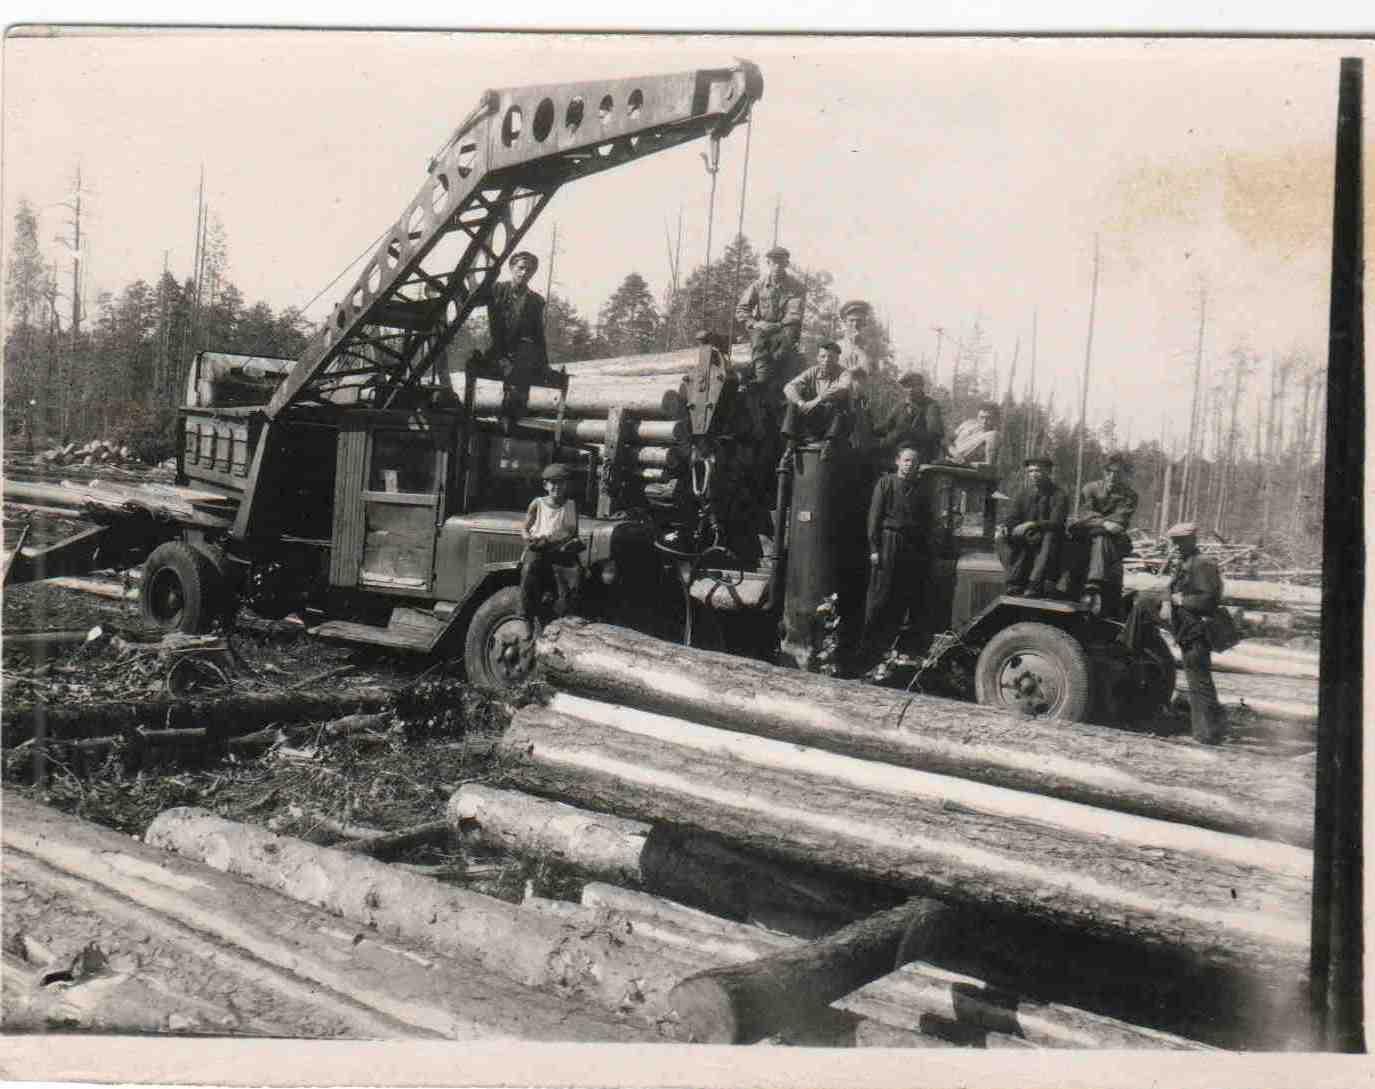 Автомобили ЗИС на погрузке и вывозке леса, п.Вандыш, 1950-е (3)